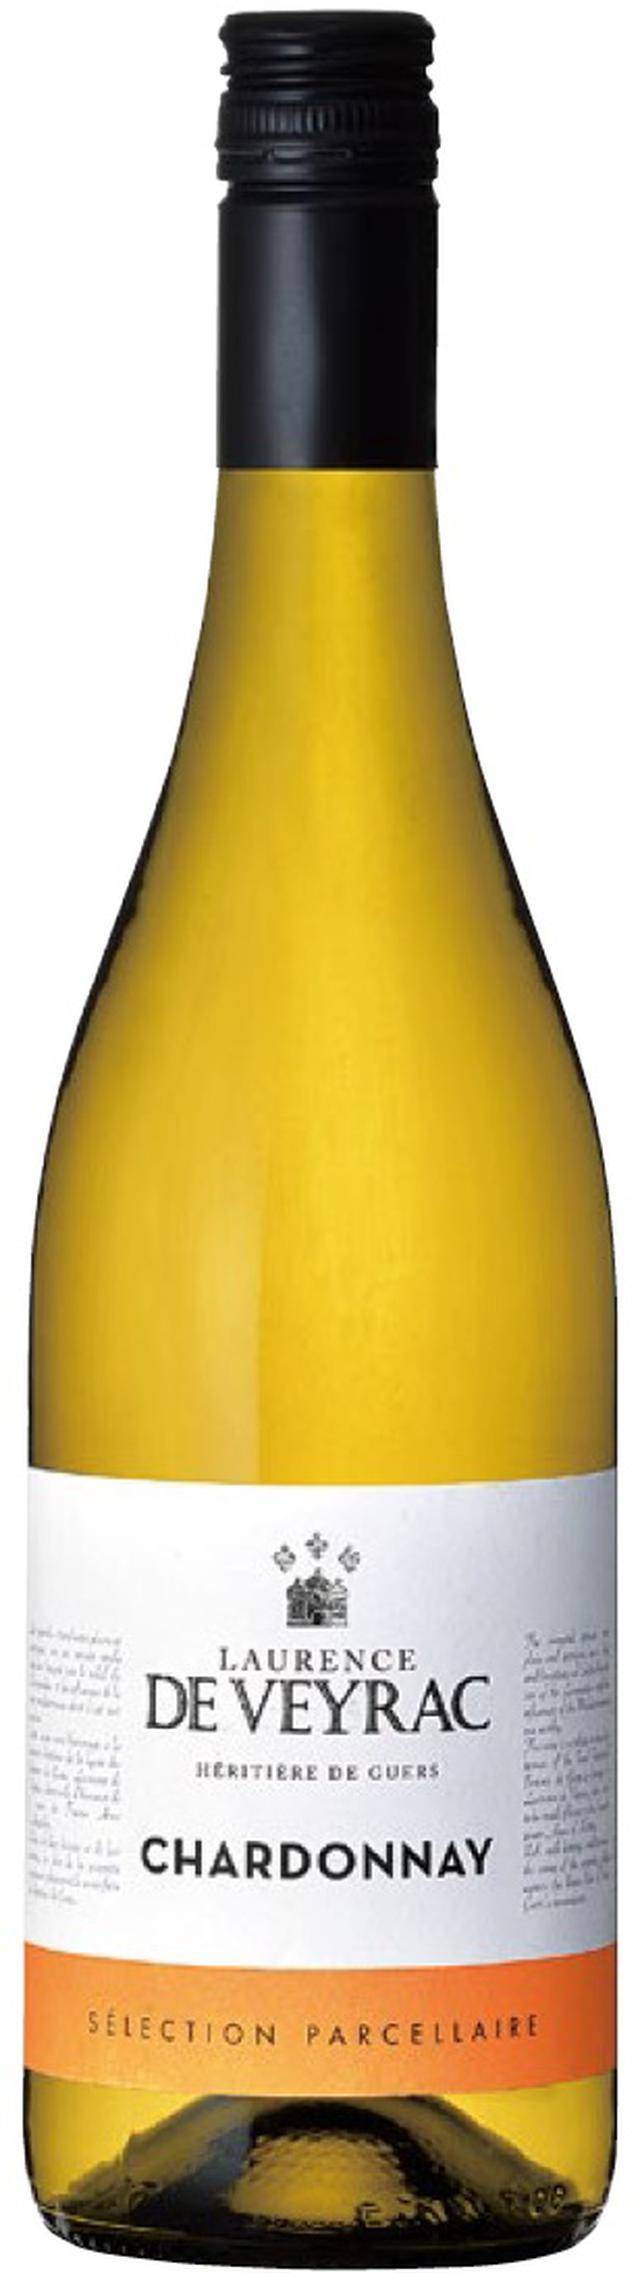 画像1: ワイン王国 2021年3月号/No.121 お勧め5ツ星の買える店(1000円台で見つけたシャルドネ)